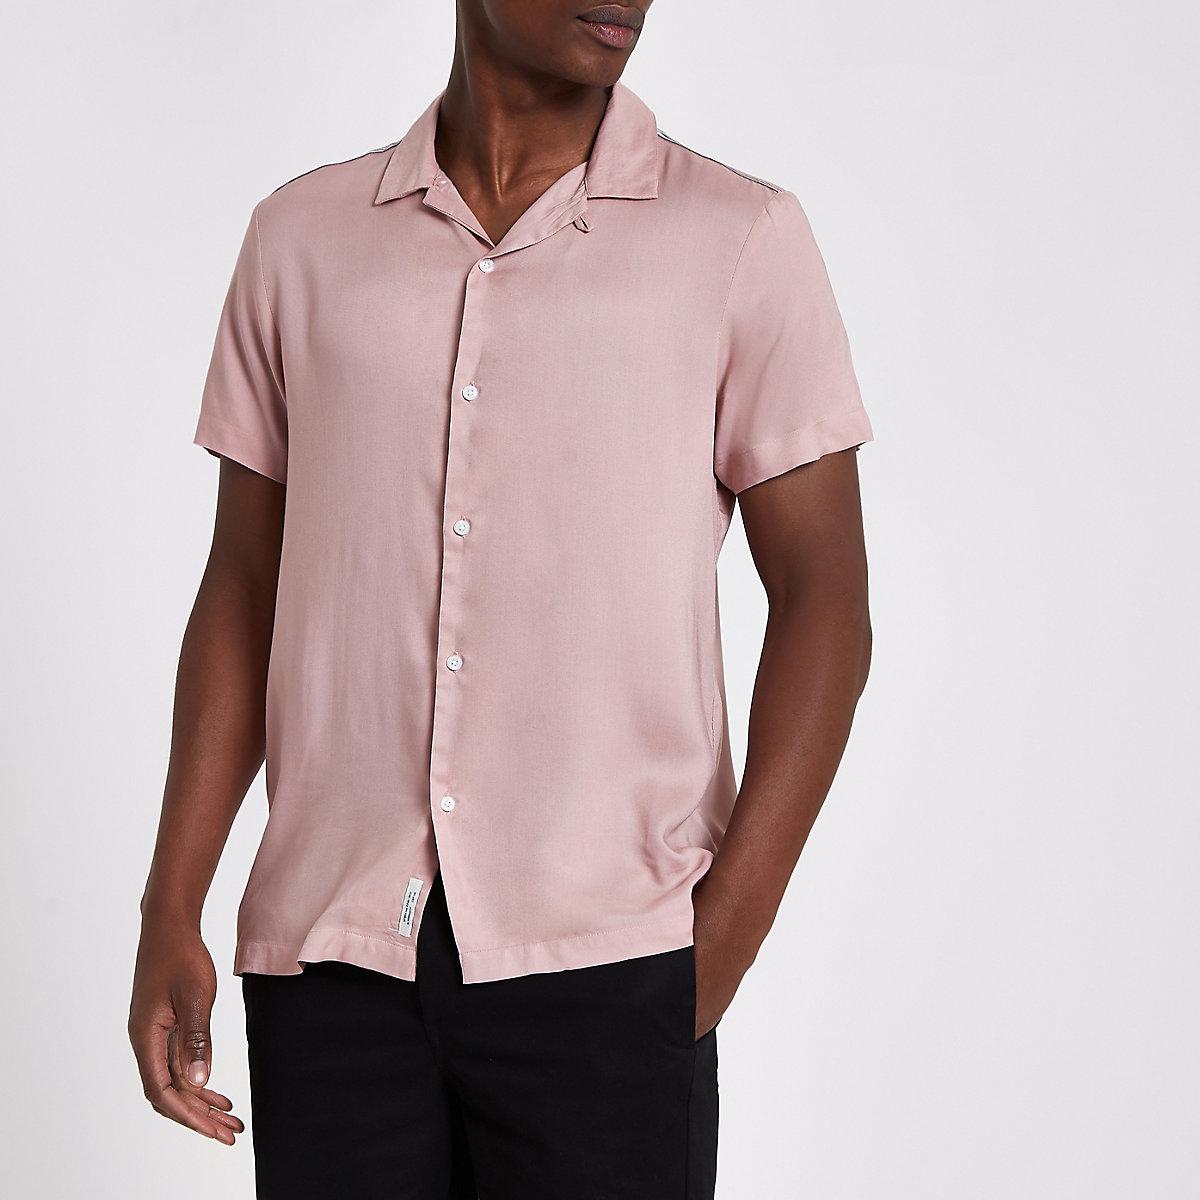 Chemise rose à manches courtes